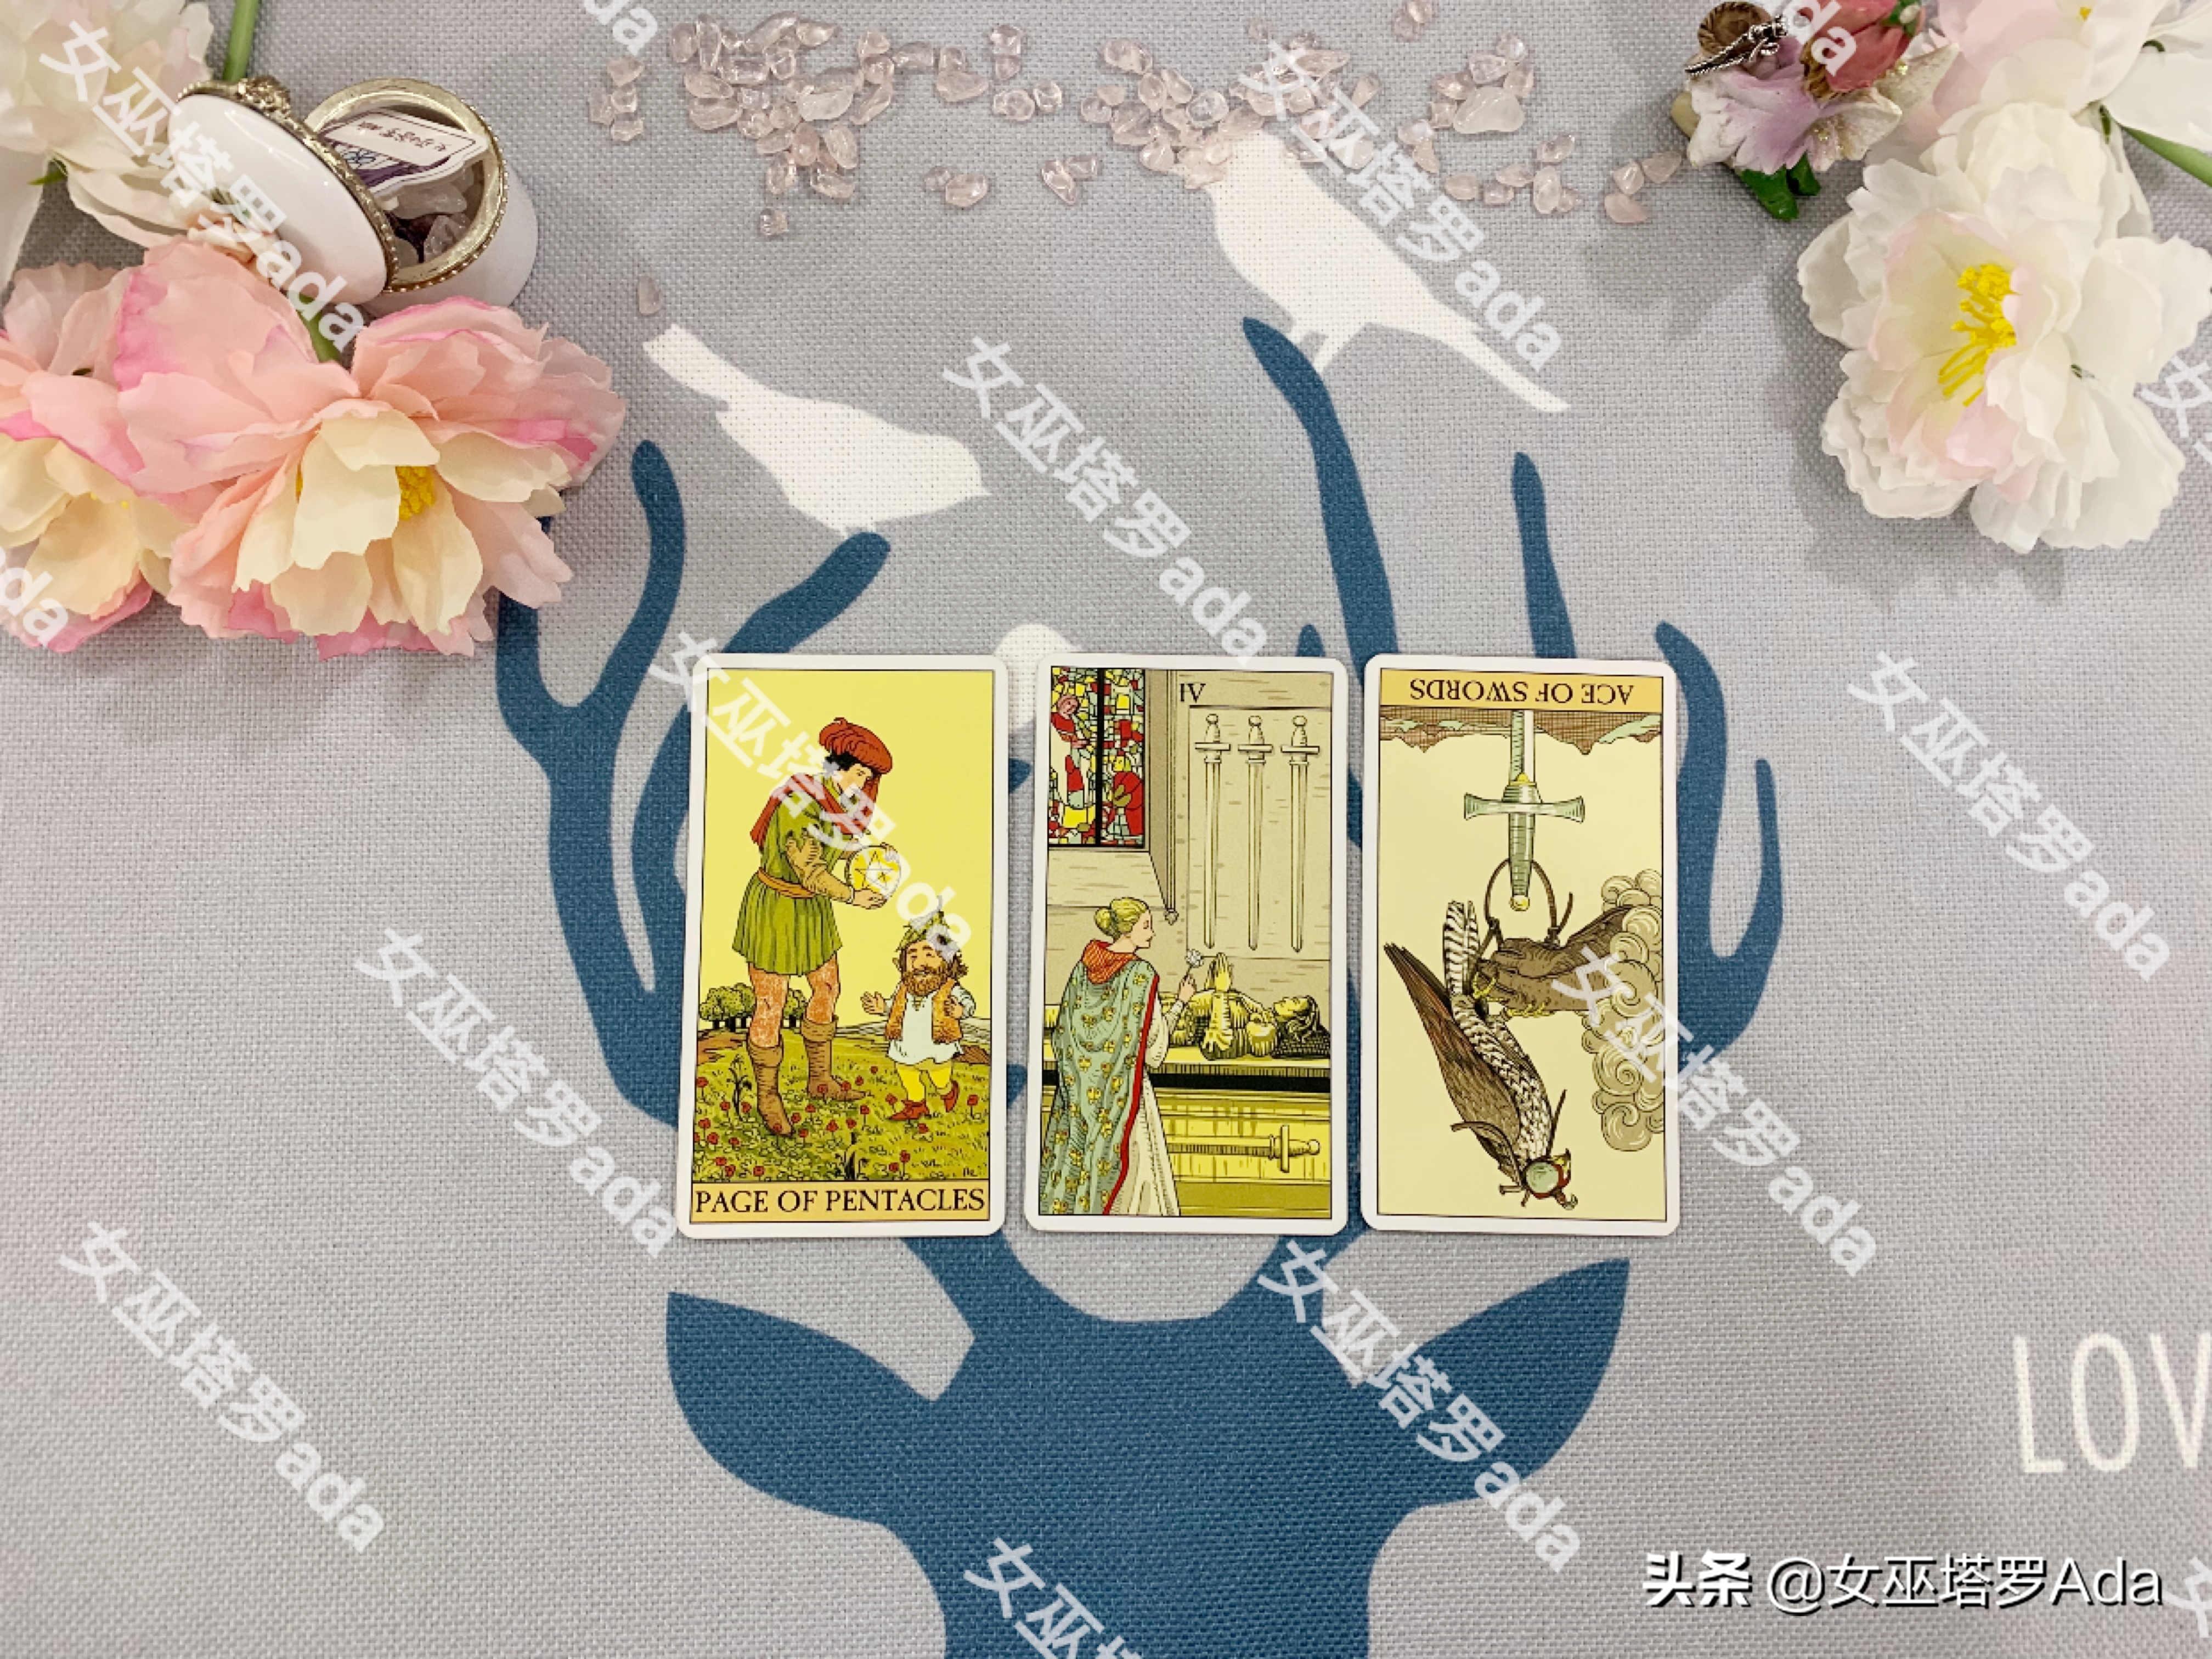 塔罗风象星座运势占卜:天秤桃花朵朵,水瓶迷茫,双子财运稳